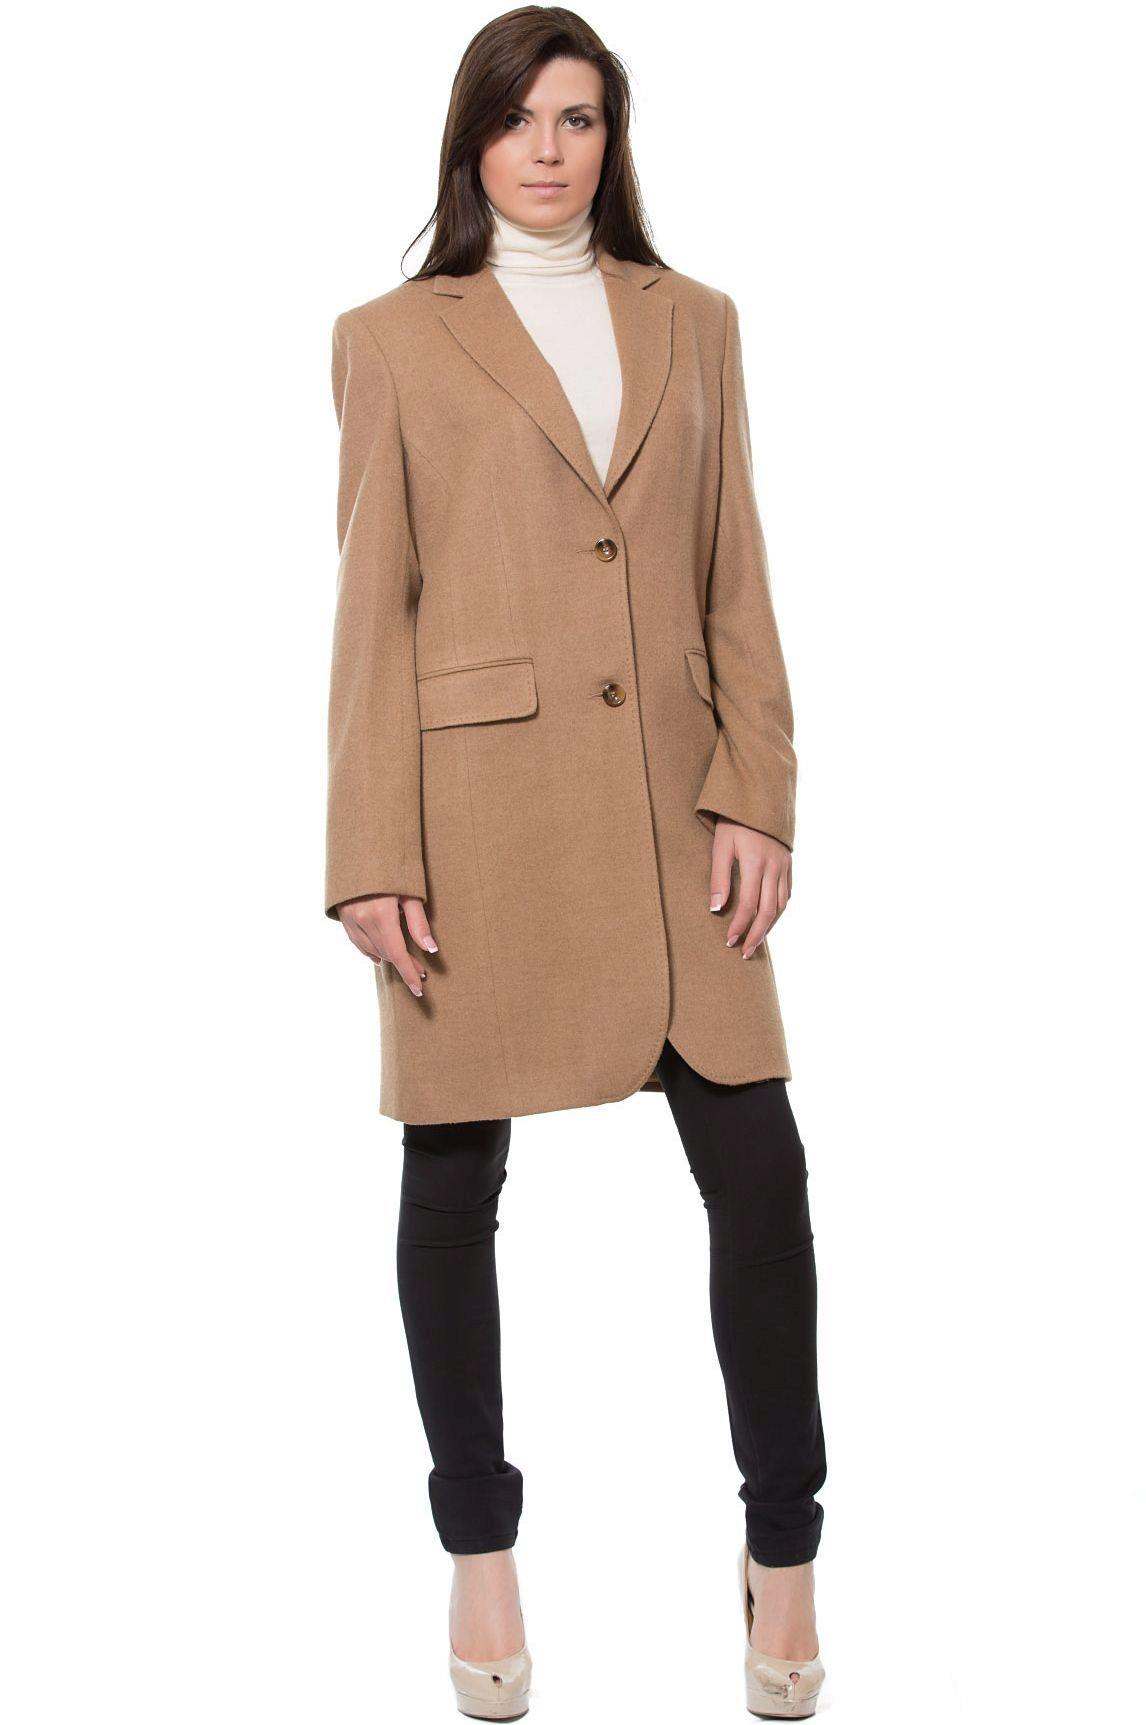 Пальто из верблюжьей шерсти в 2019 году